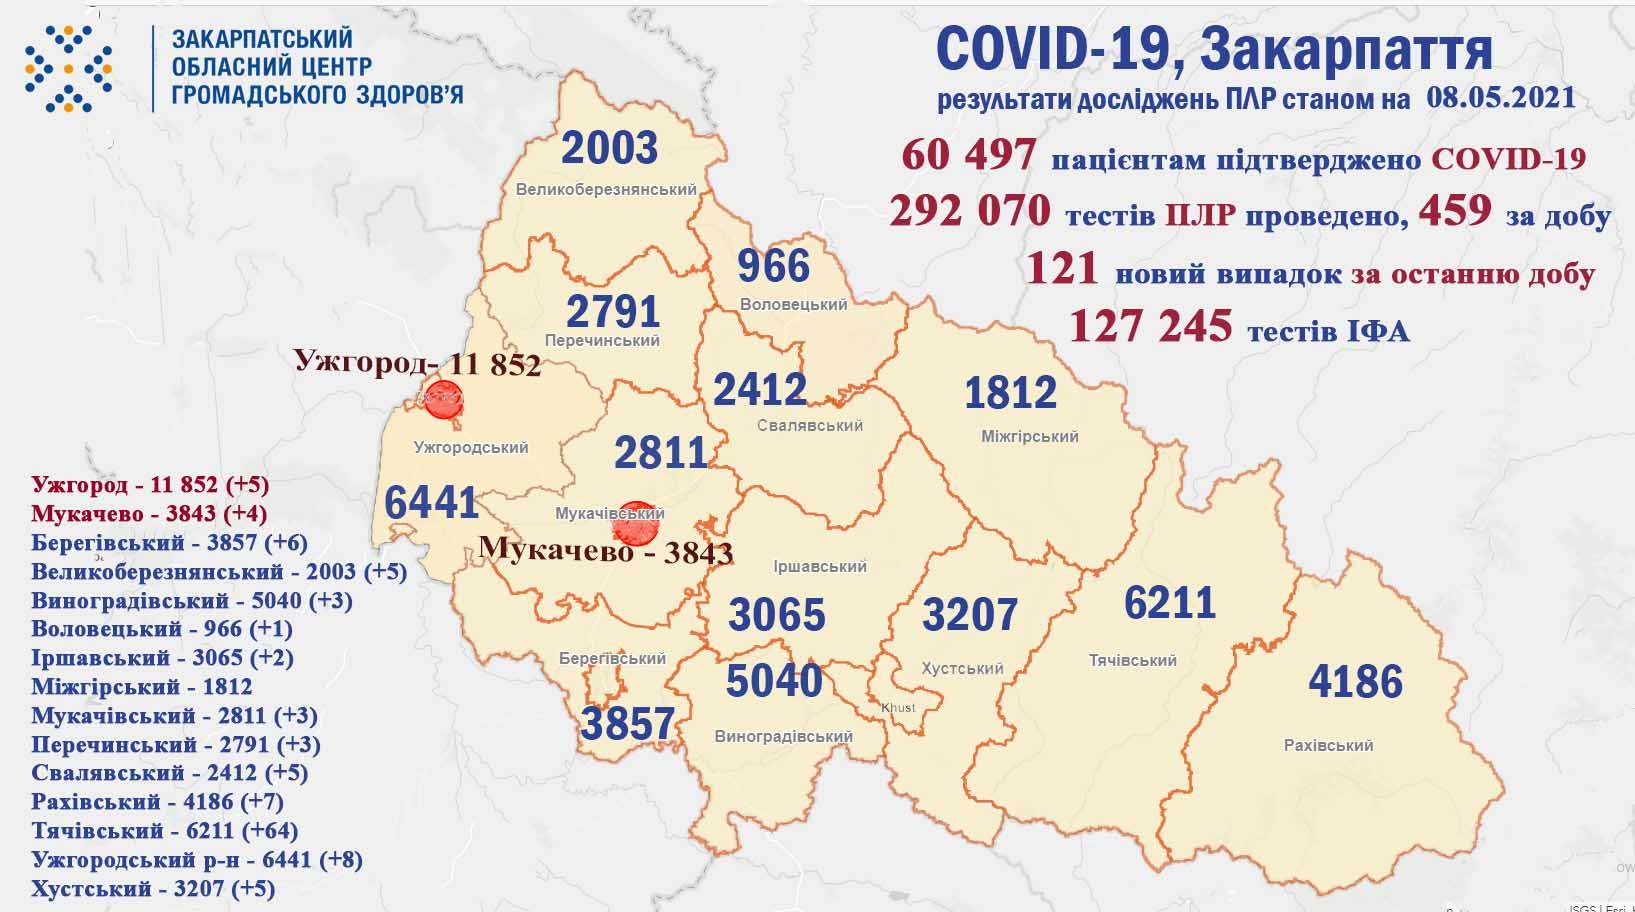 37 випадків COVID-19 виявлено за минулу добу на Закарпатті